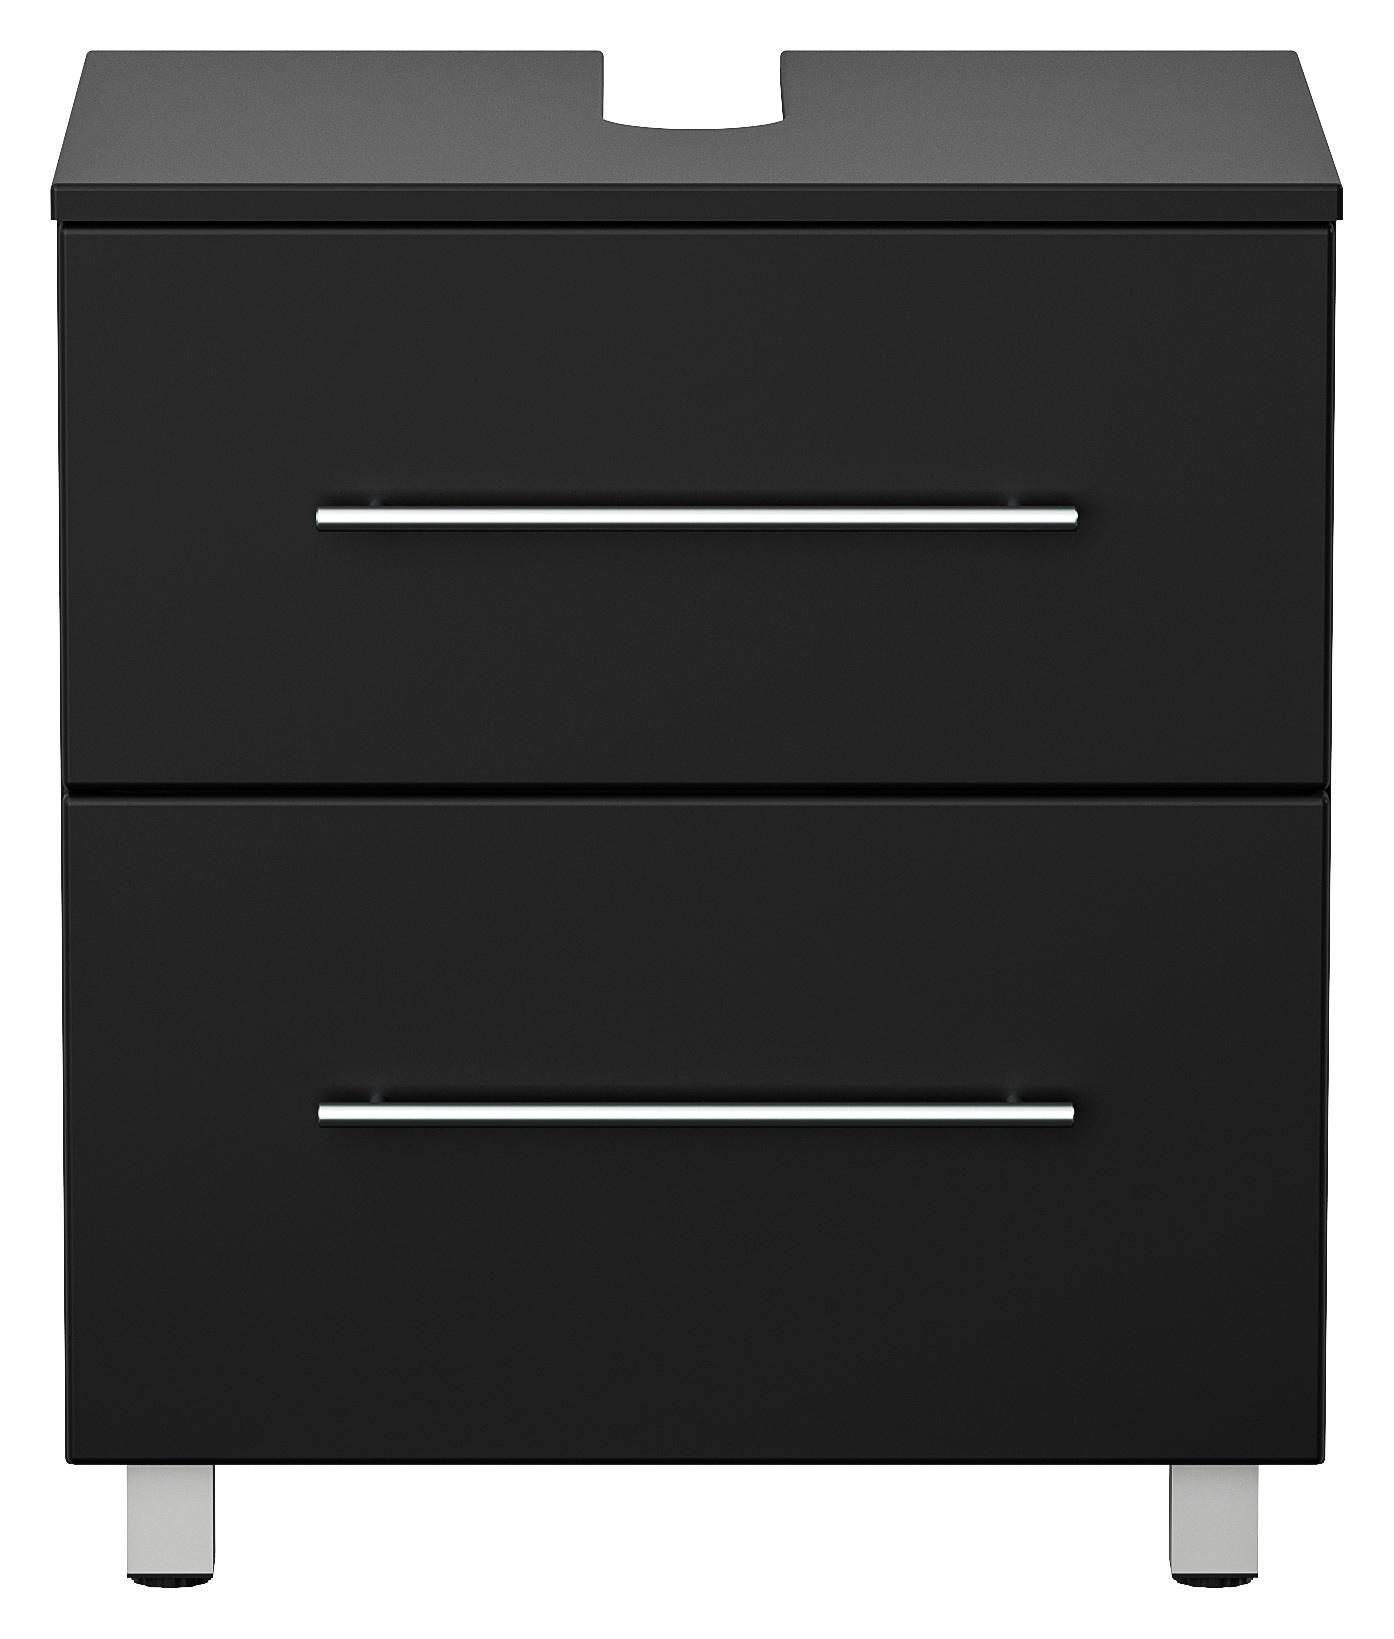 Universal Waschbeckenunterschrank schwarz 20 cm auf Standfüssen